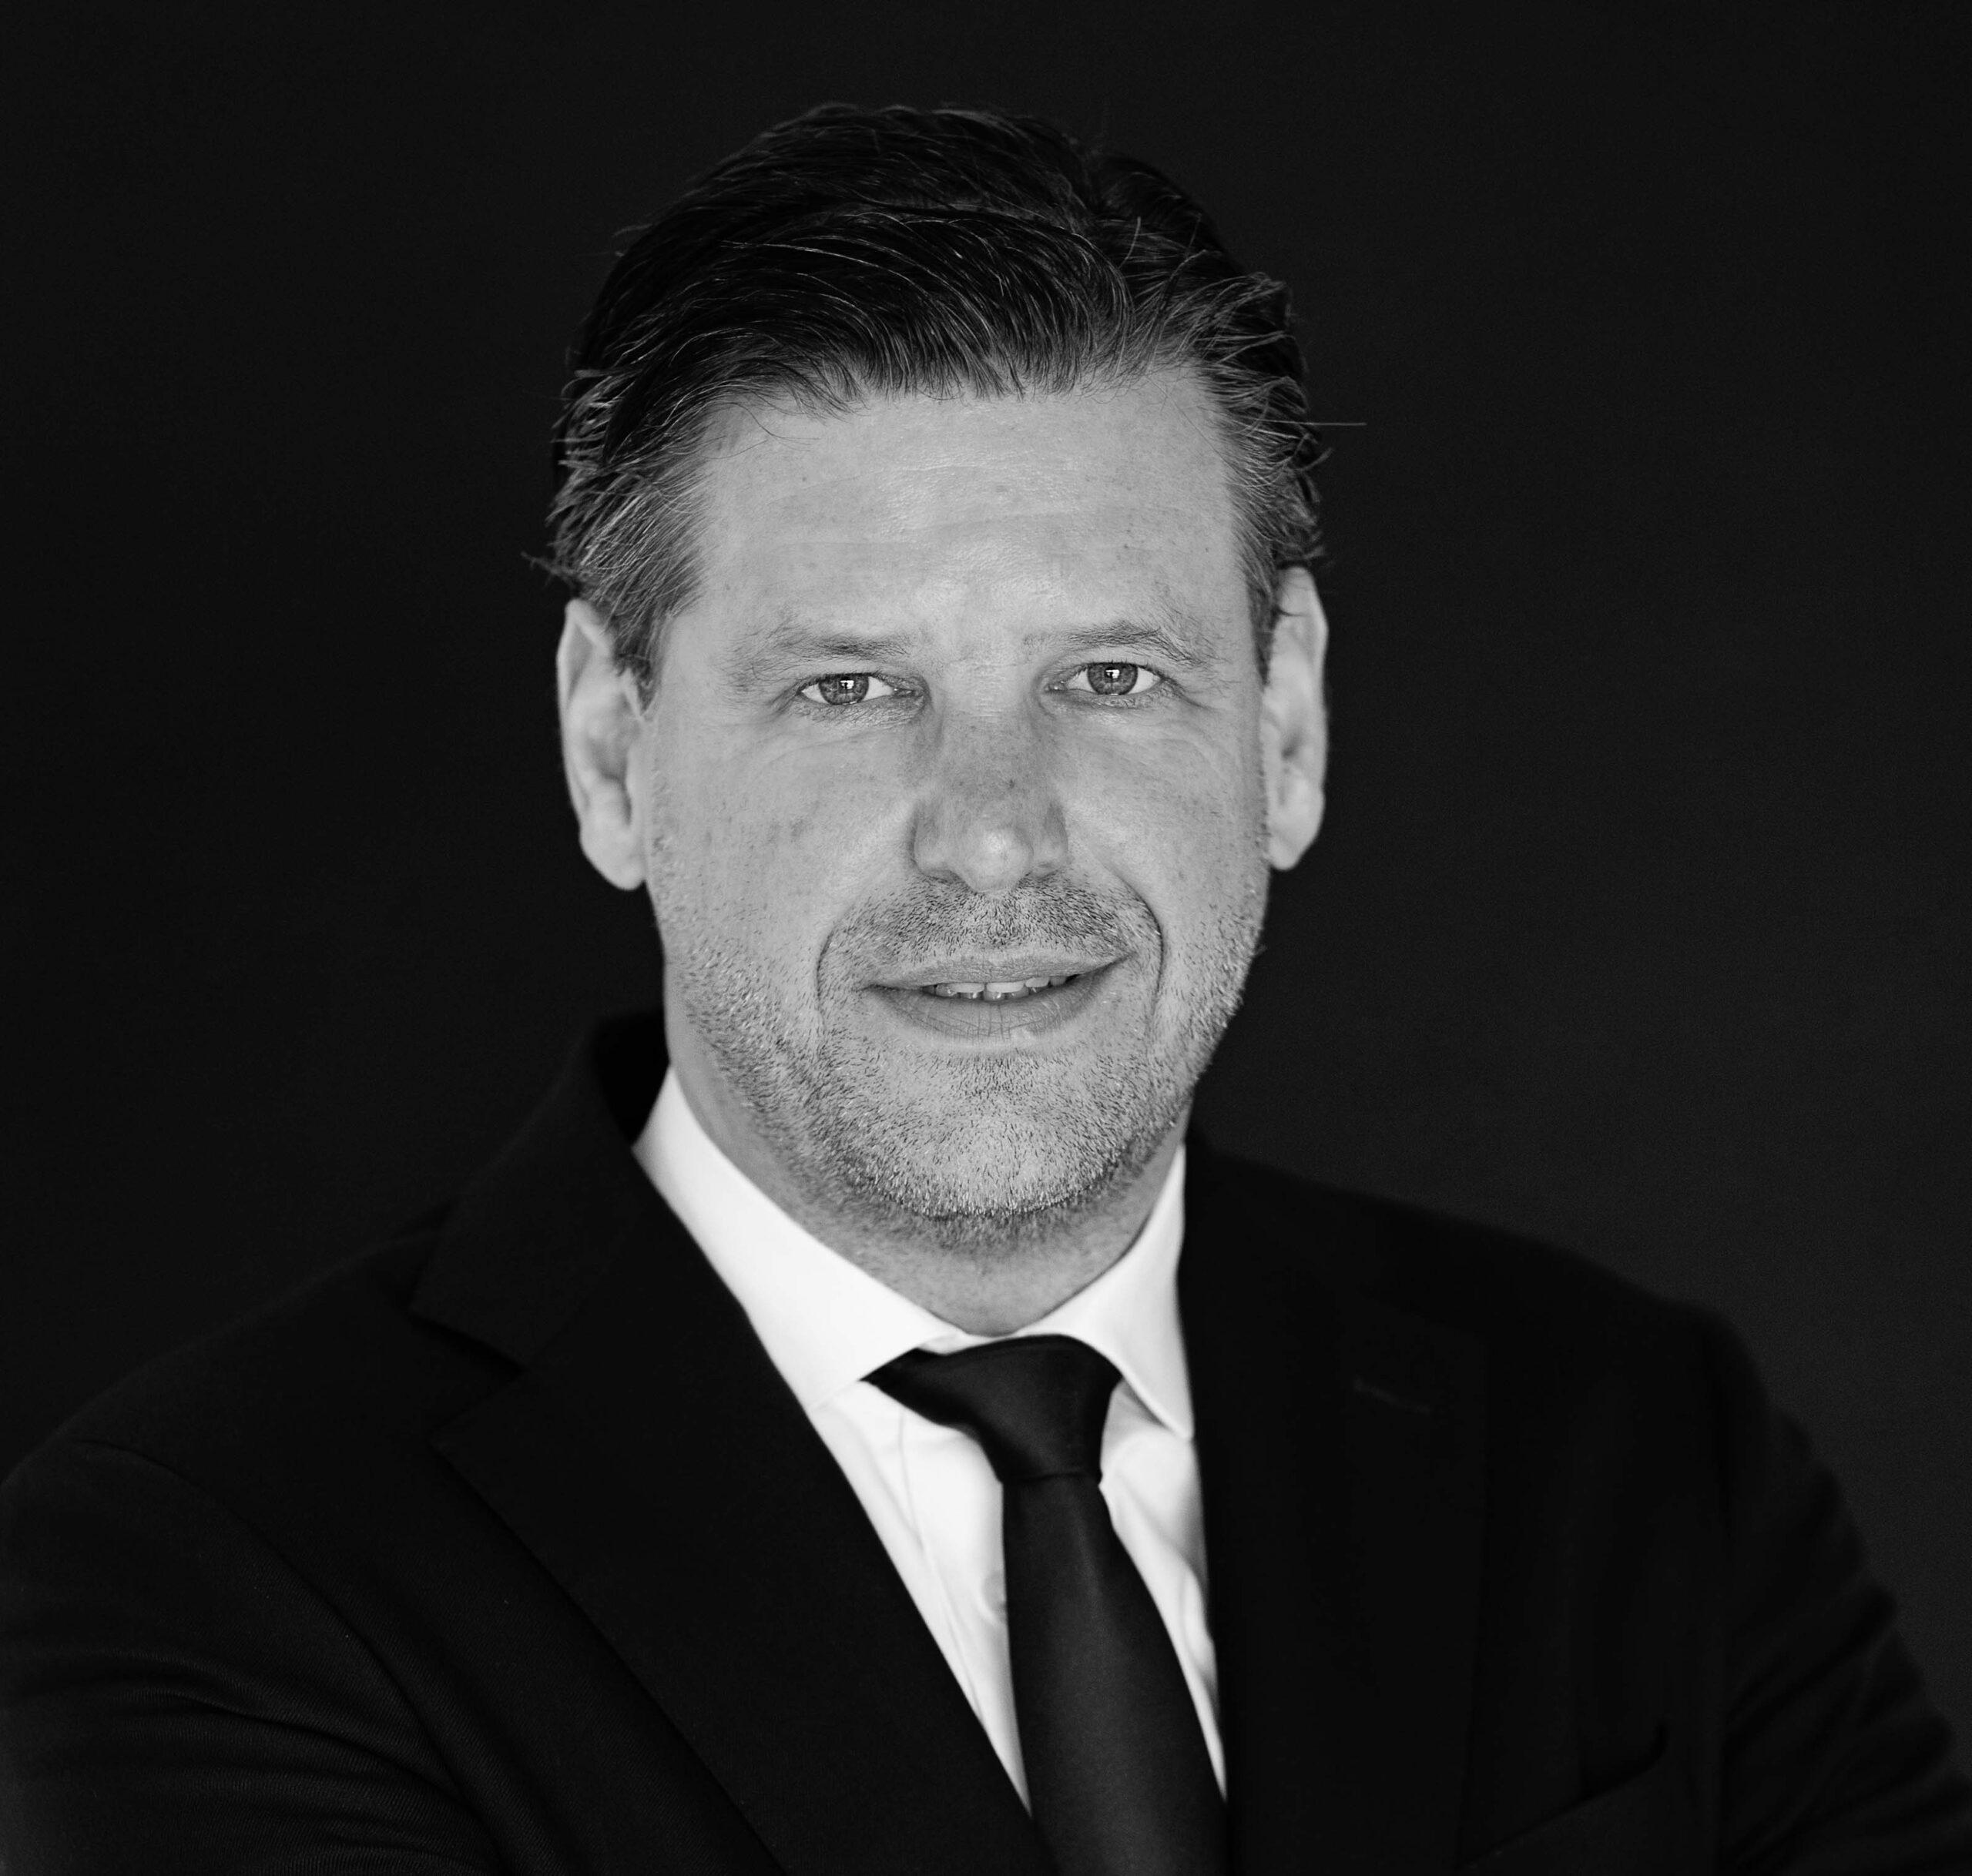 Spring Real Estate benoemt Martijn Bosschers als partner van het Logistieke en Industriële team